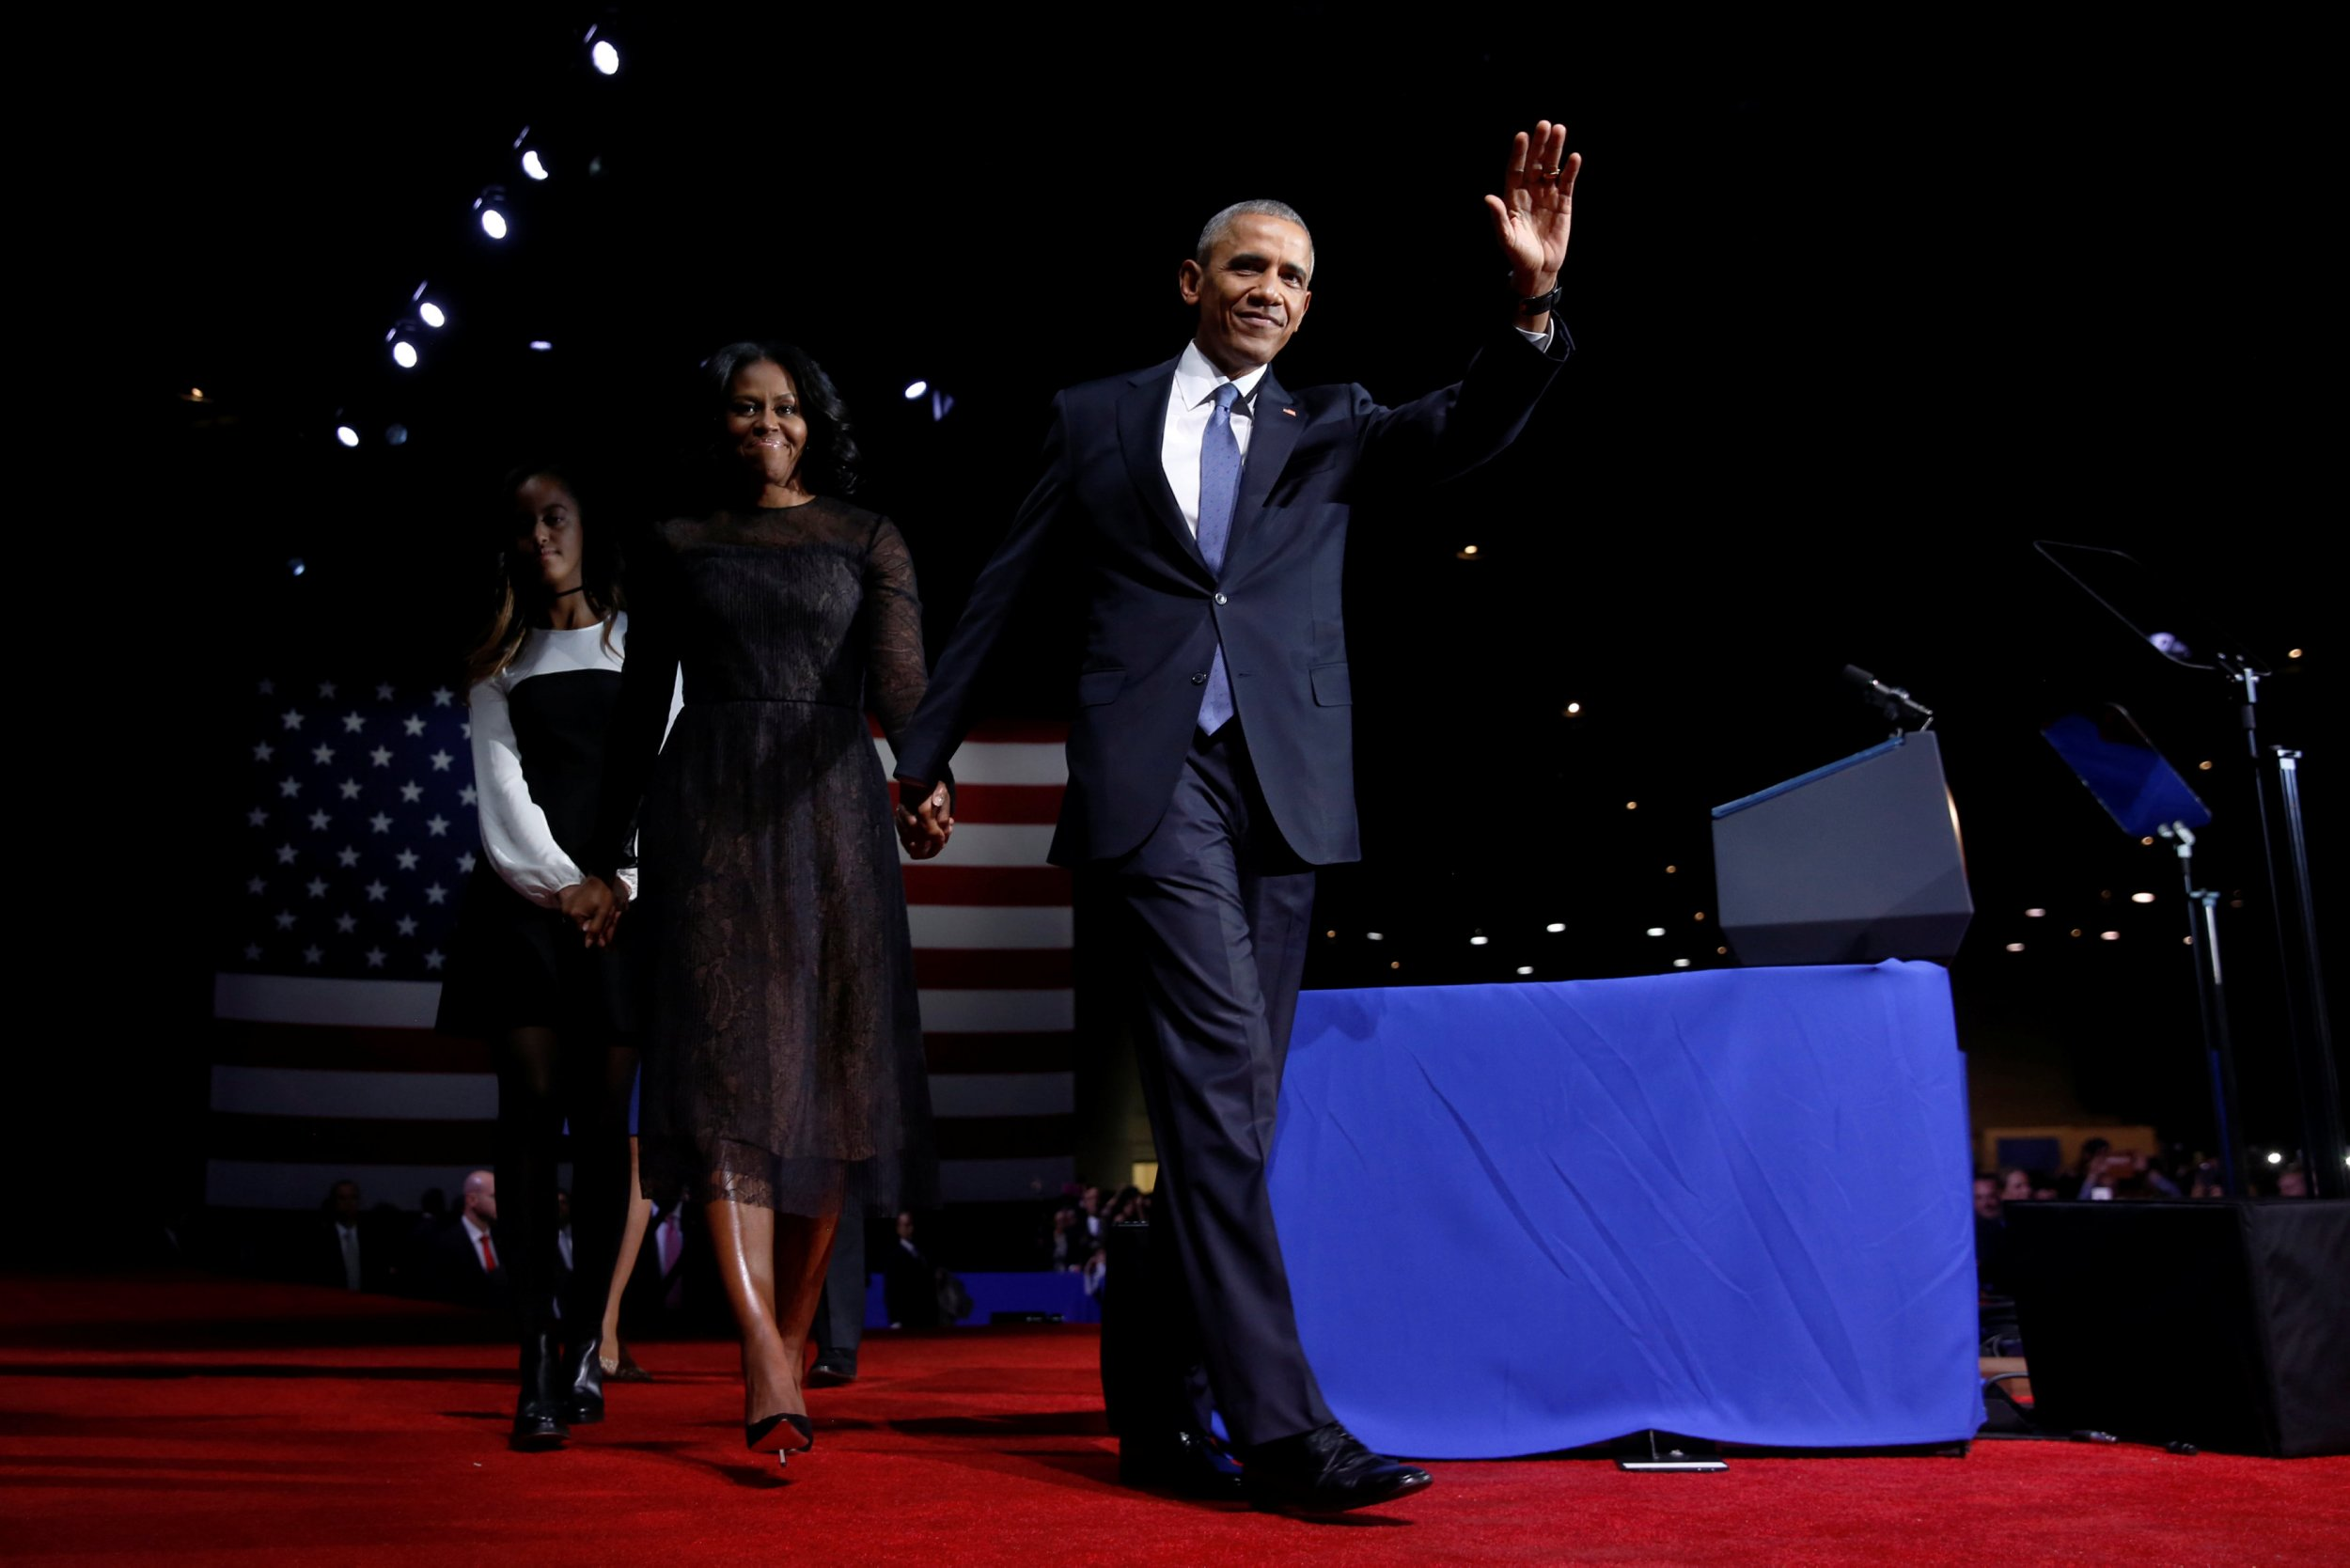 FULL TRANSCRIPT: President Barack Obama's Farewell Speech